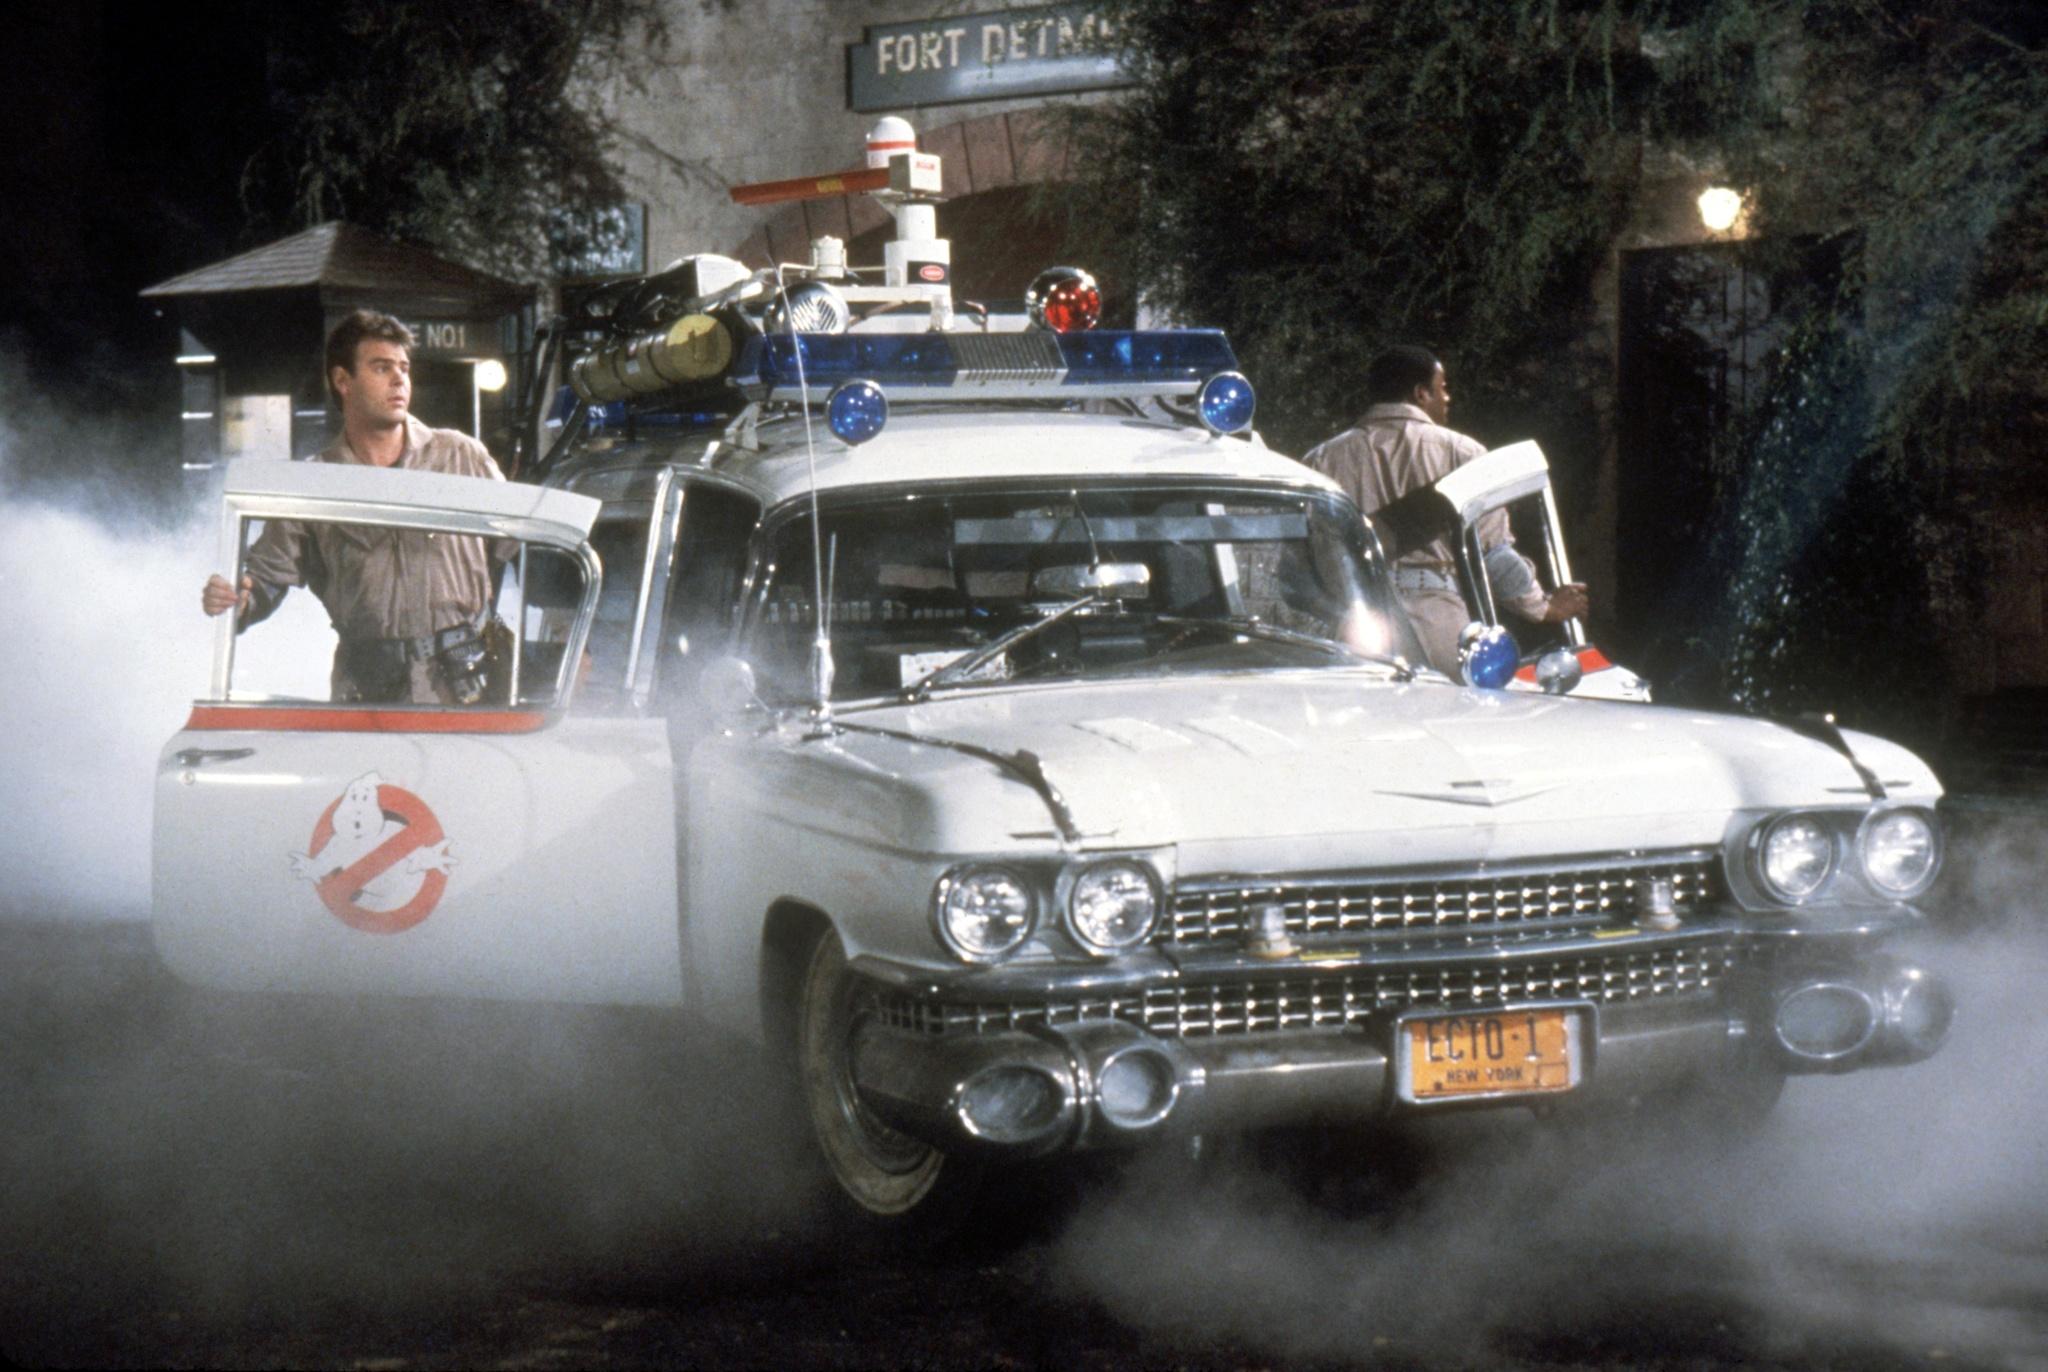 Dan Aykroyd and Ernie Hudson in Ghostbusters (1984)